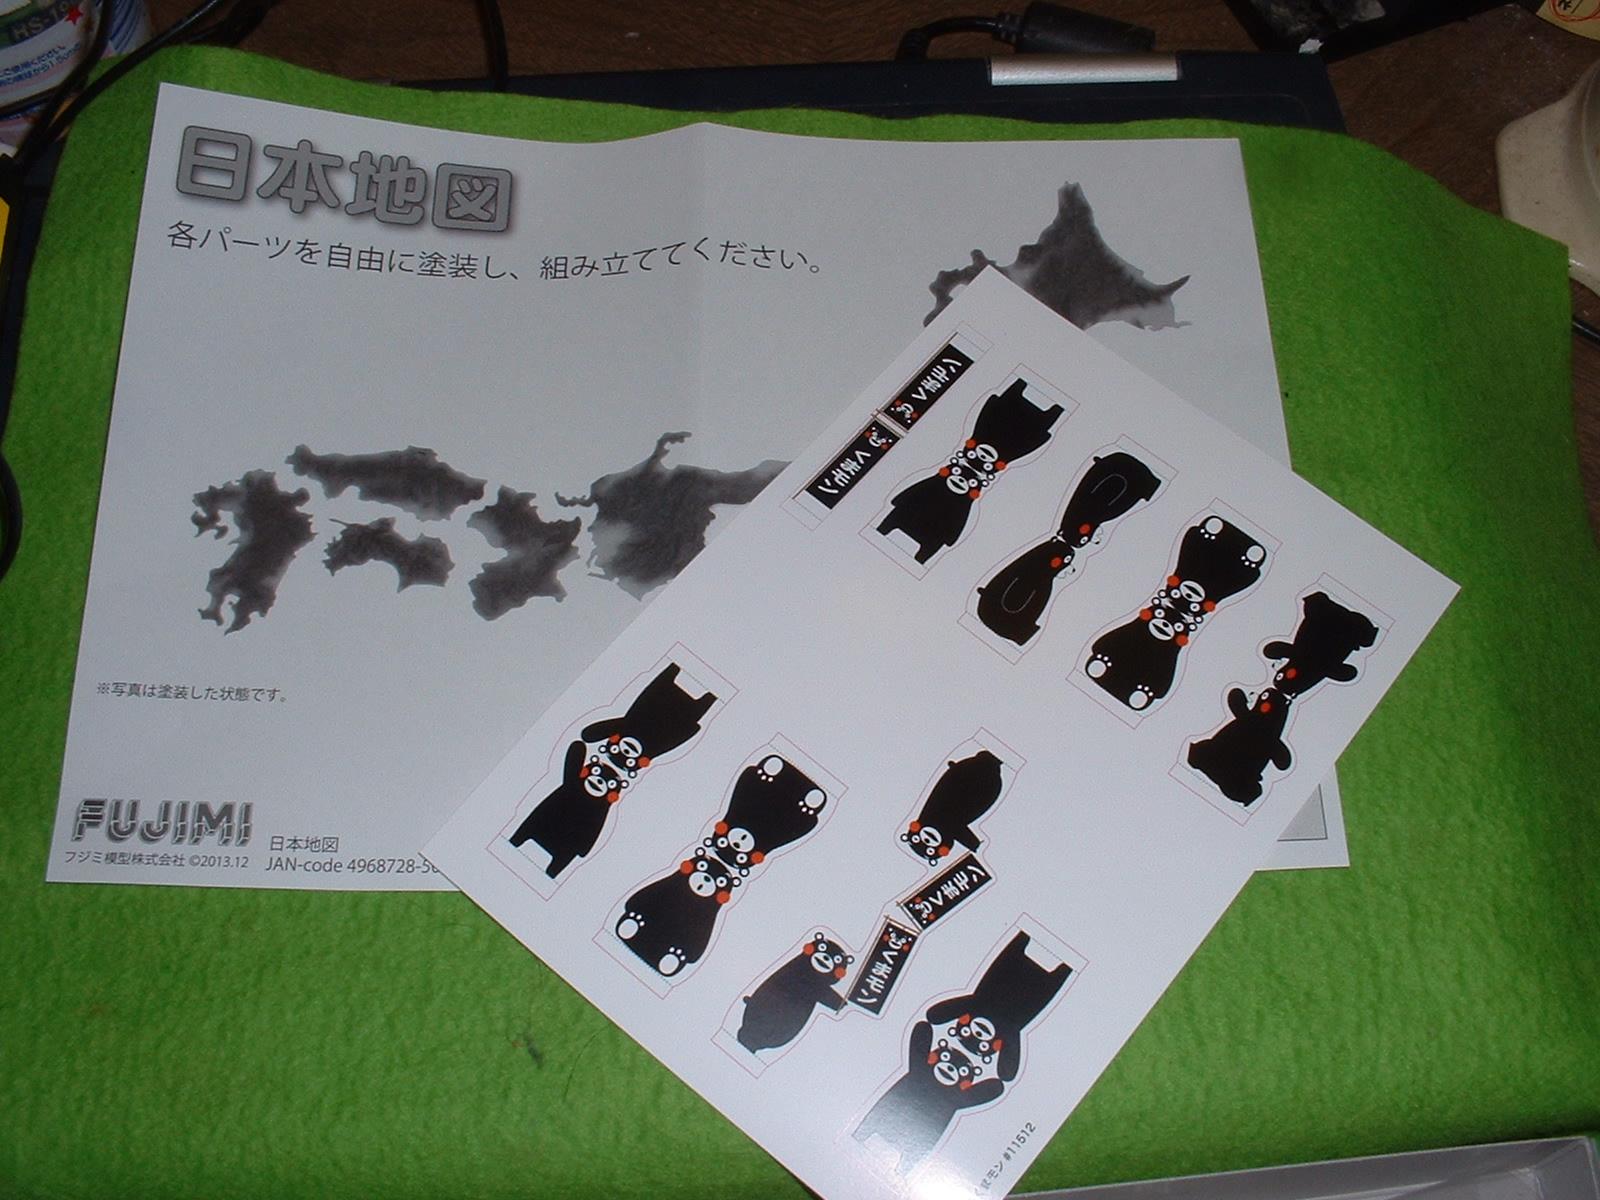 フジミ模型㈱「日本地図」 組み立て説明図&おまけ「くまモン」 Doburoku-TAO.JPG